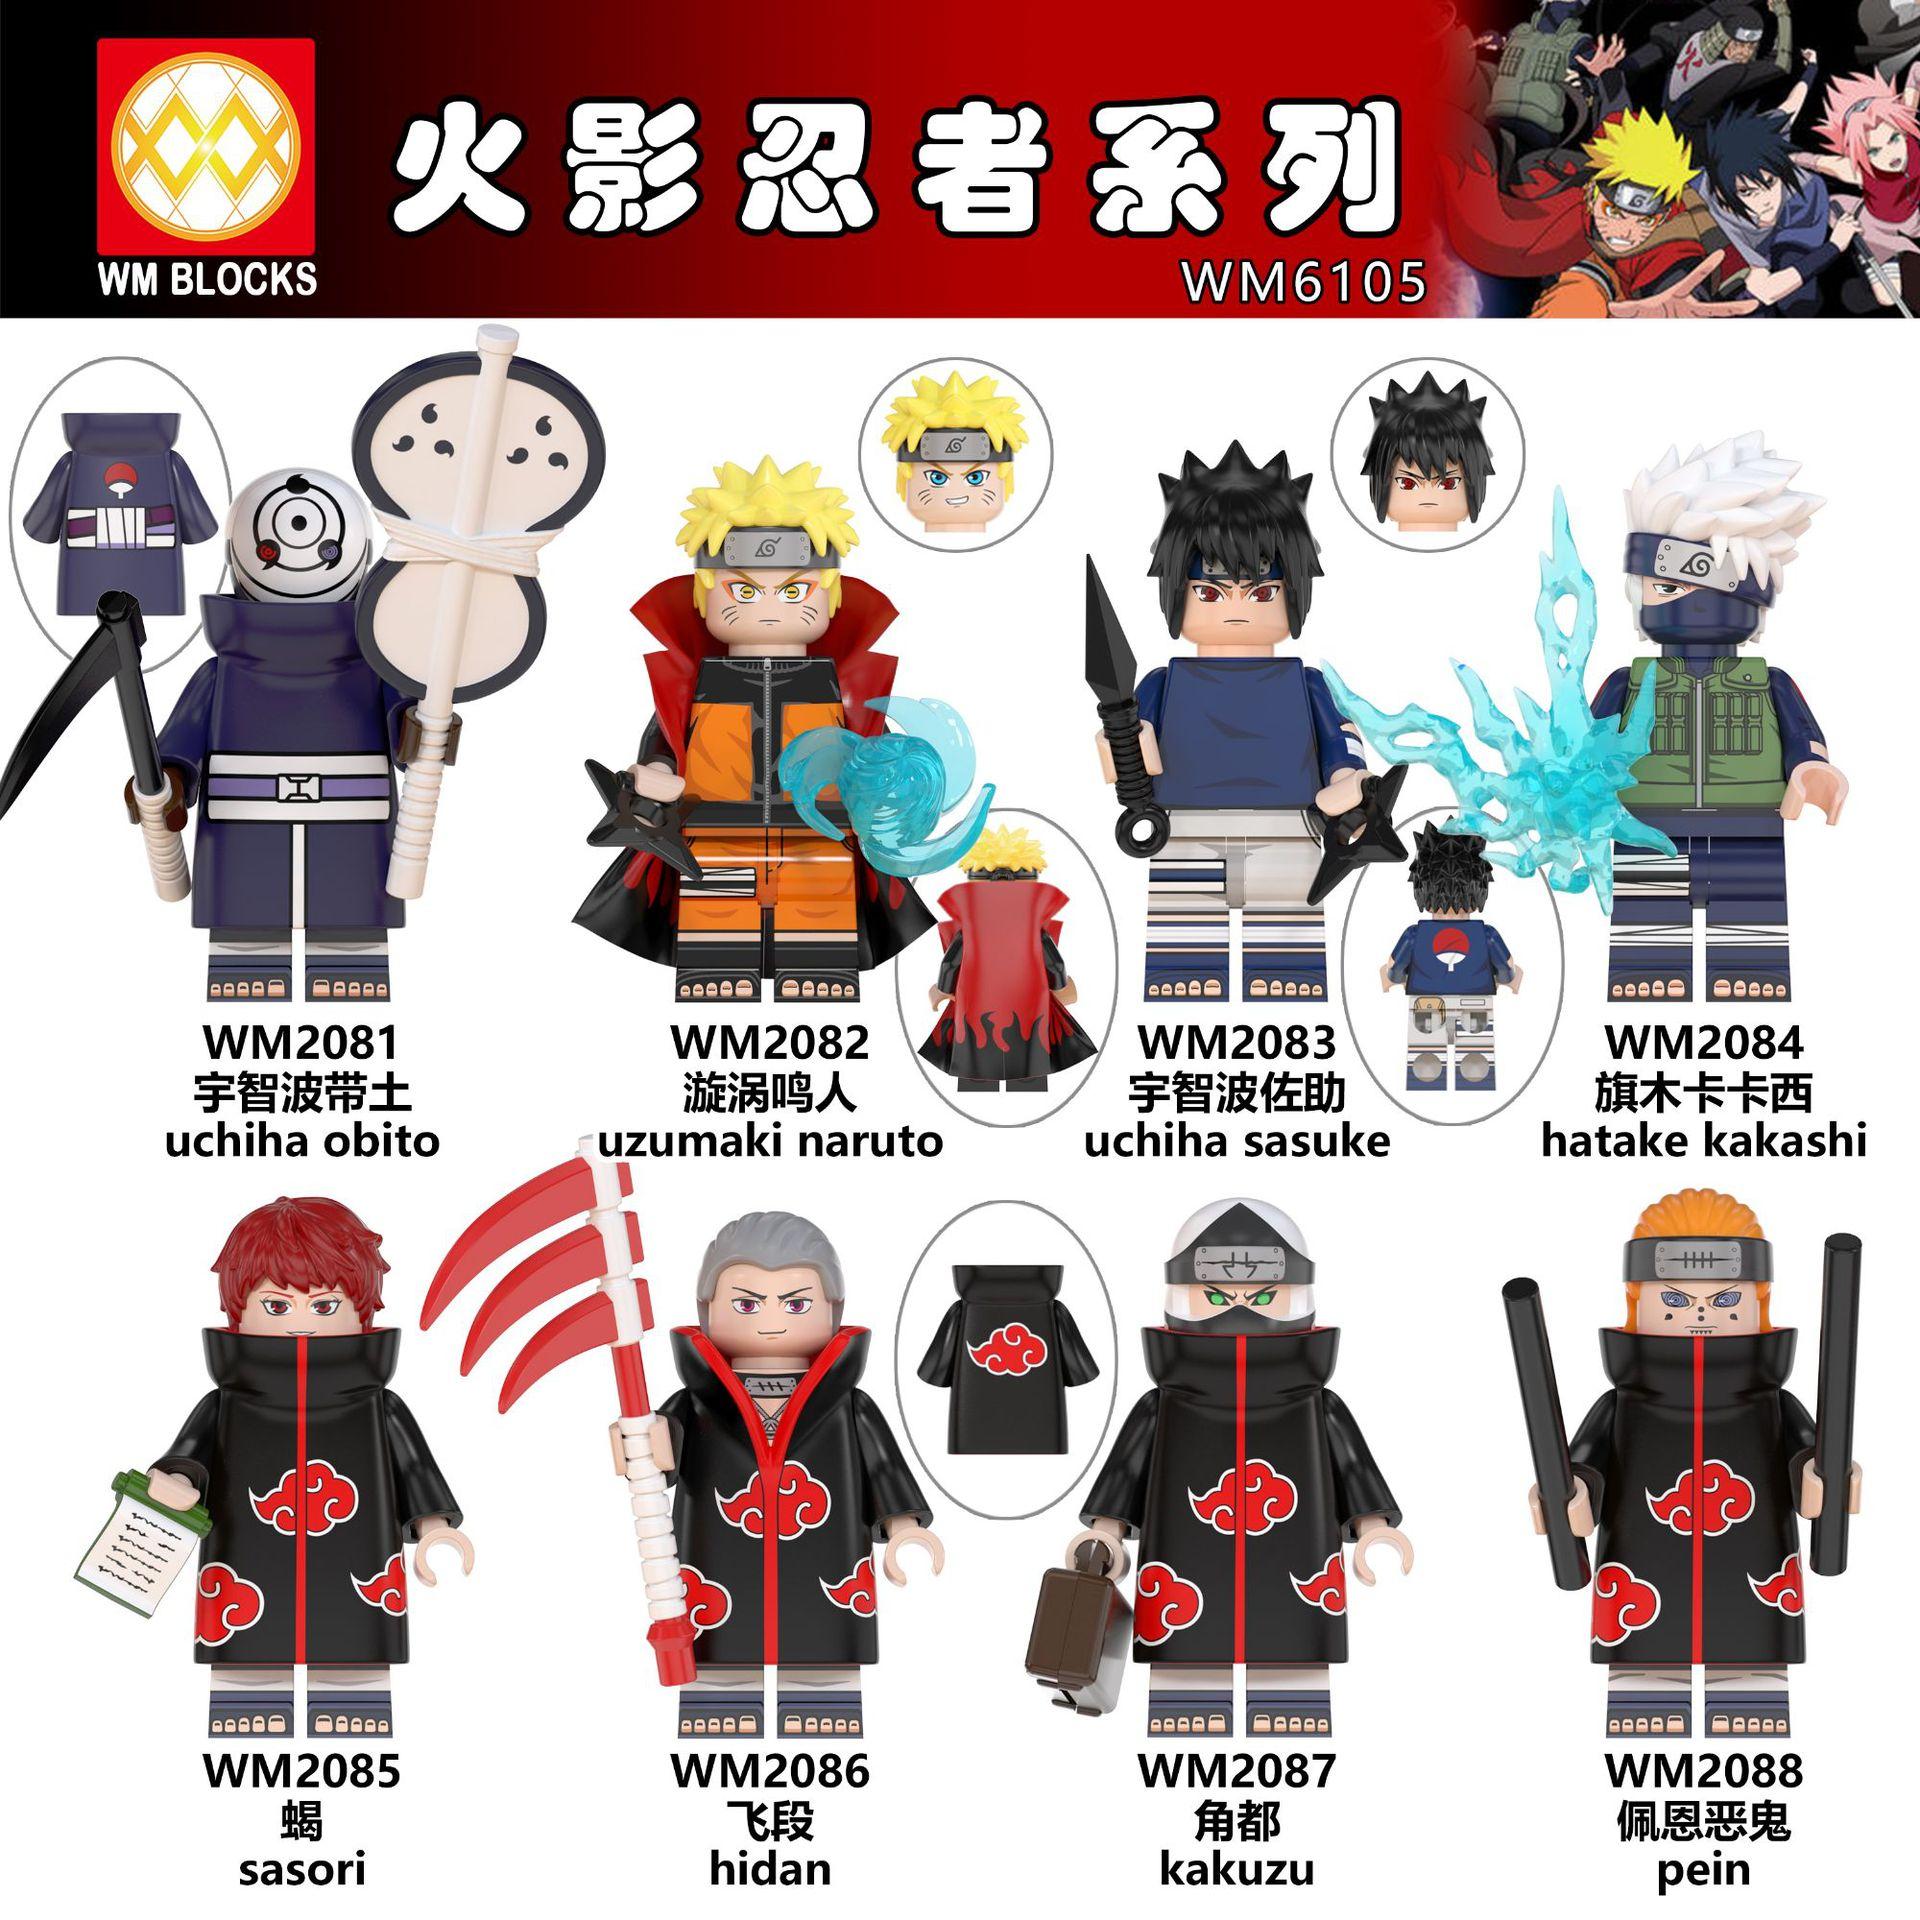 新品火影忍者系列WM6105漩涡鸣人宇智波佐助儿童拼装积木人仔玩具